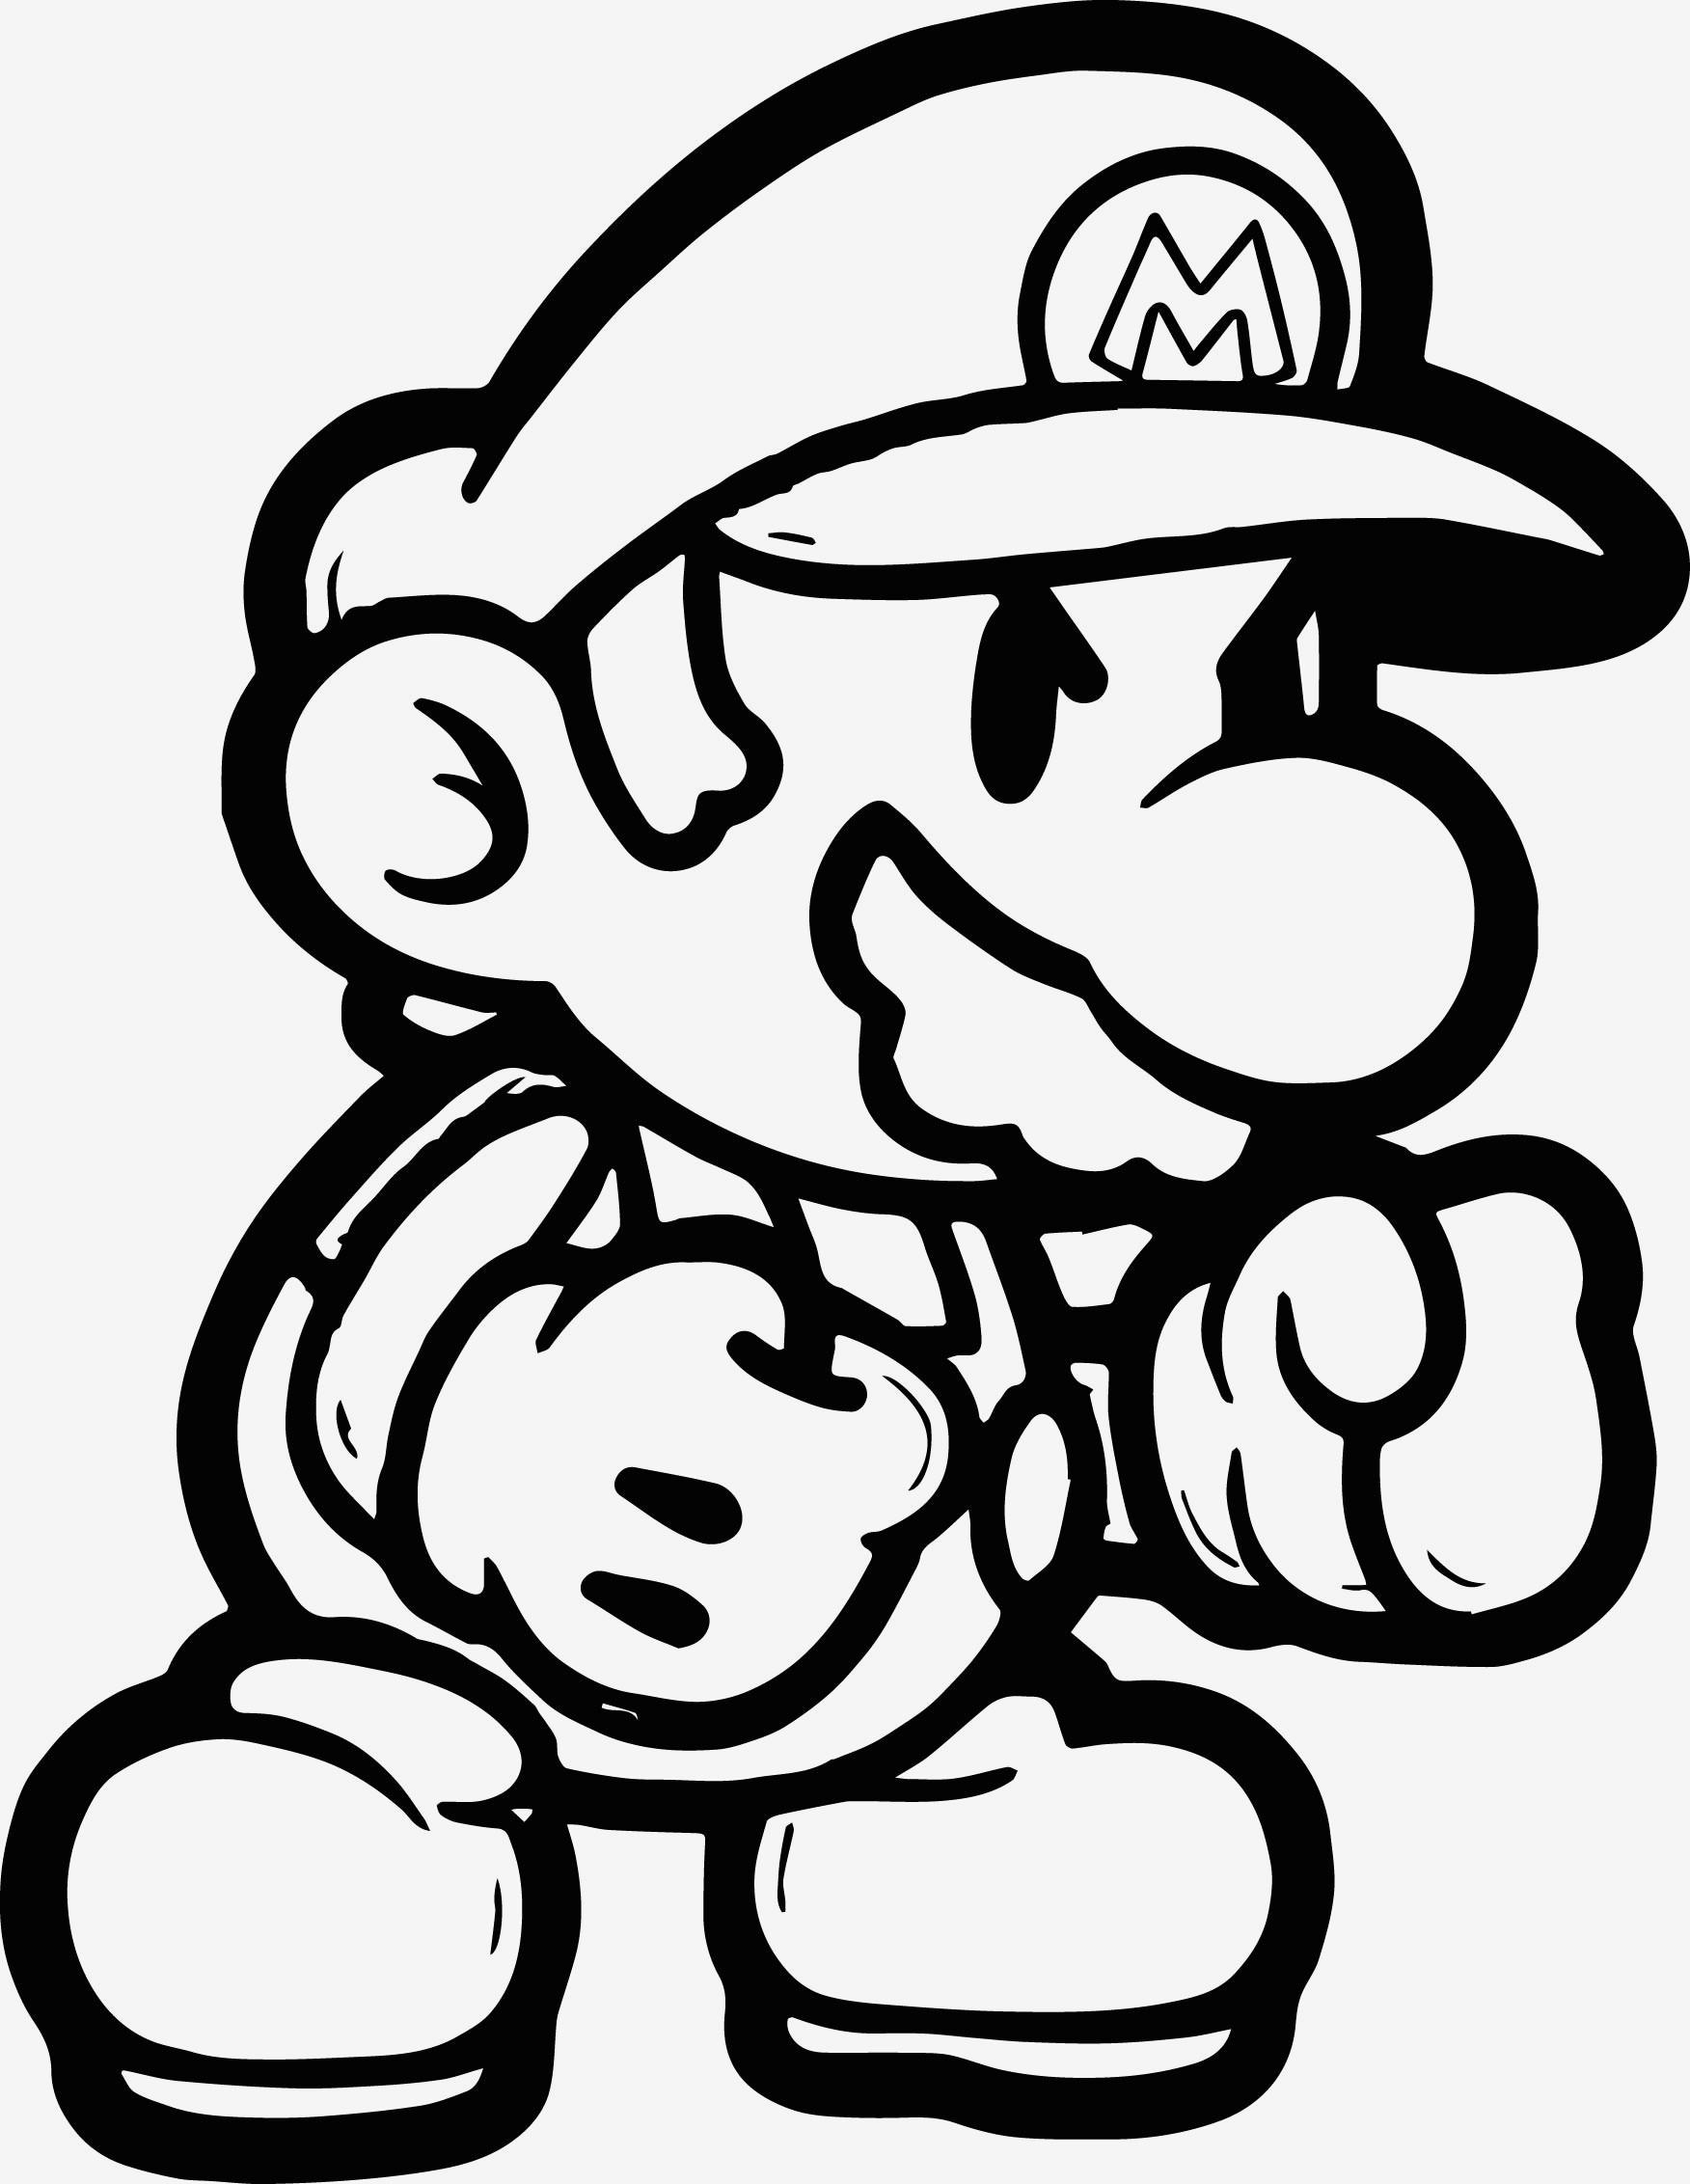 Malvorlage Super Mario Genial Spannende Coloring Bilder Super Mario Malvorlagen Sammlung